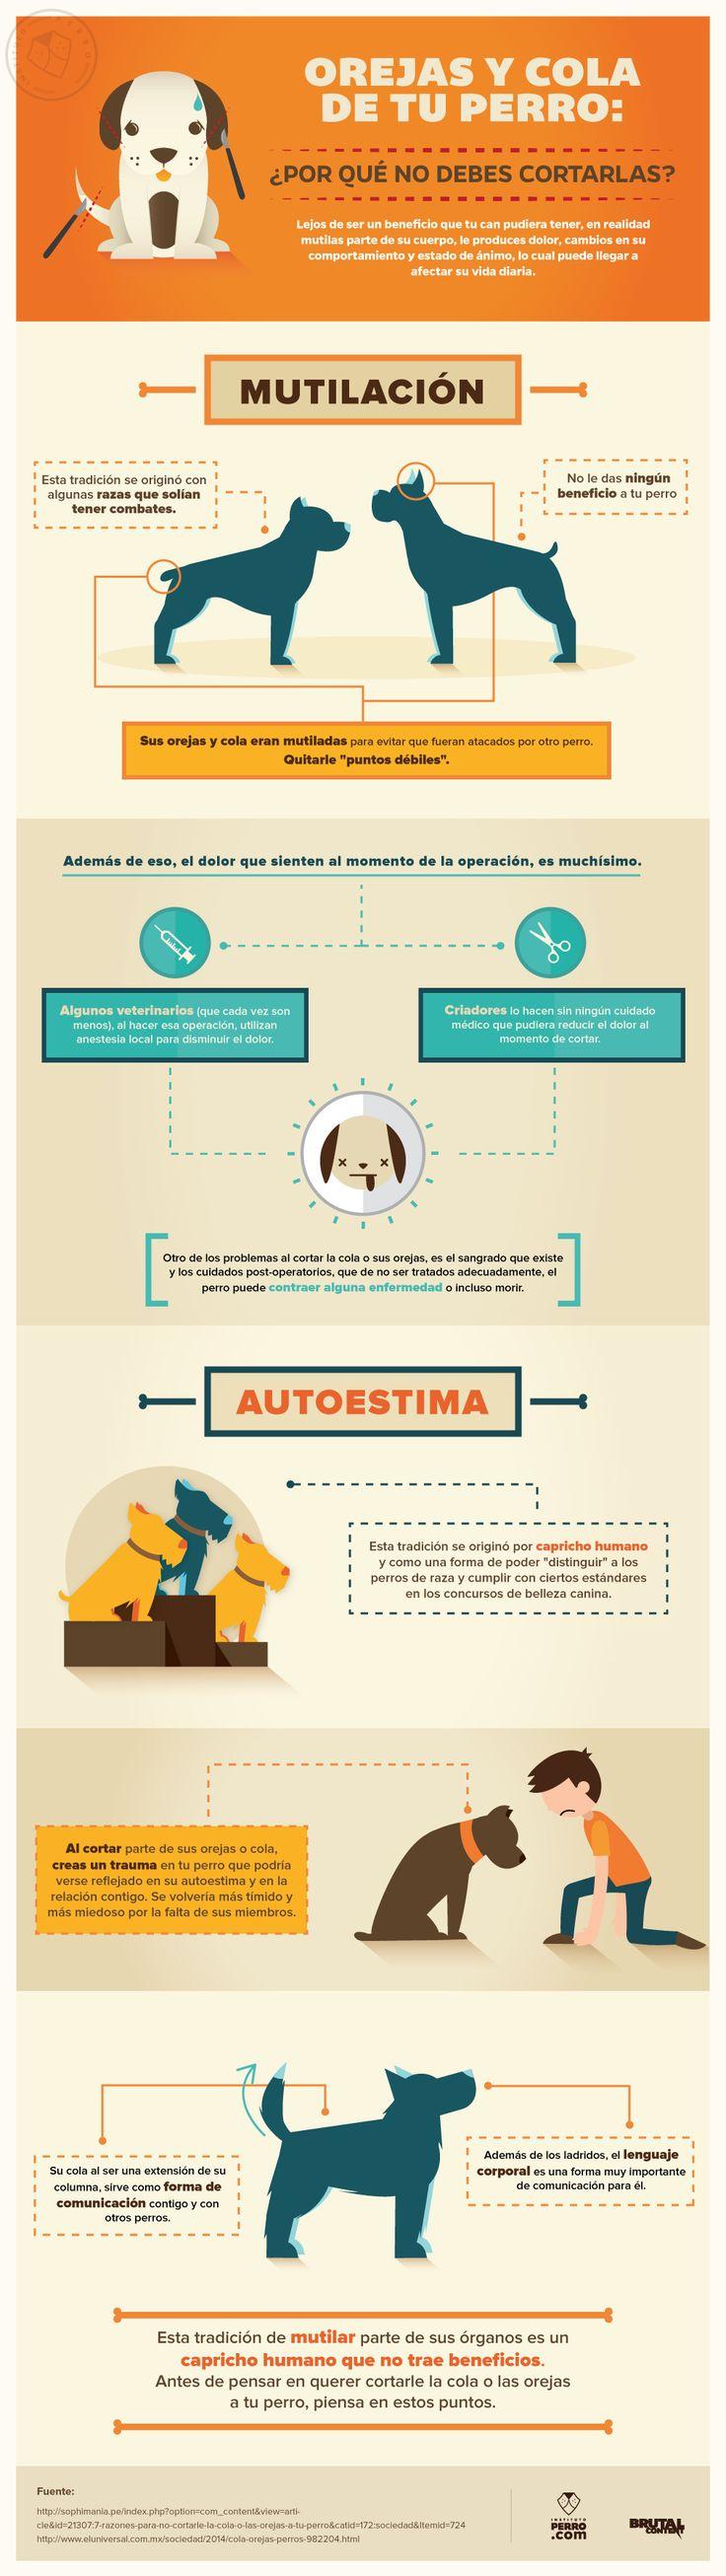 Infografía: Por qué no debes cortar las orejas ni la cola de tu perro - Instituto Perro